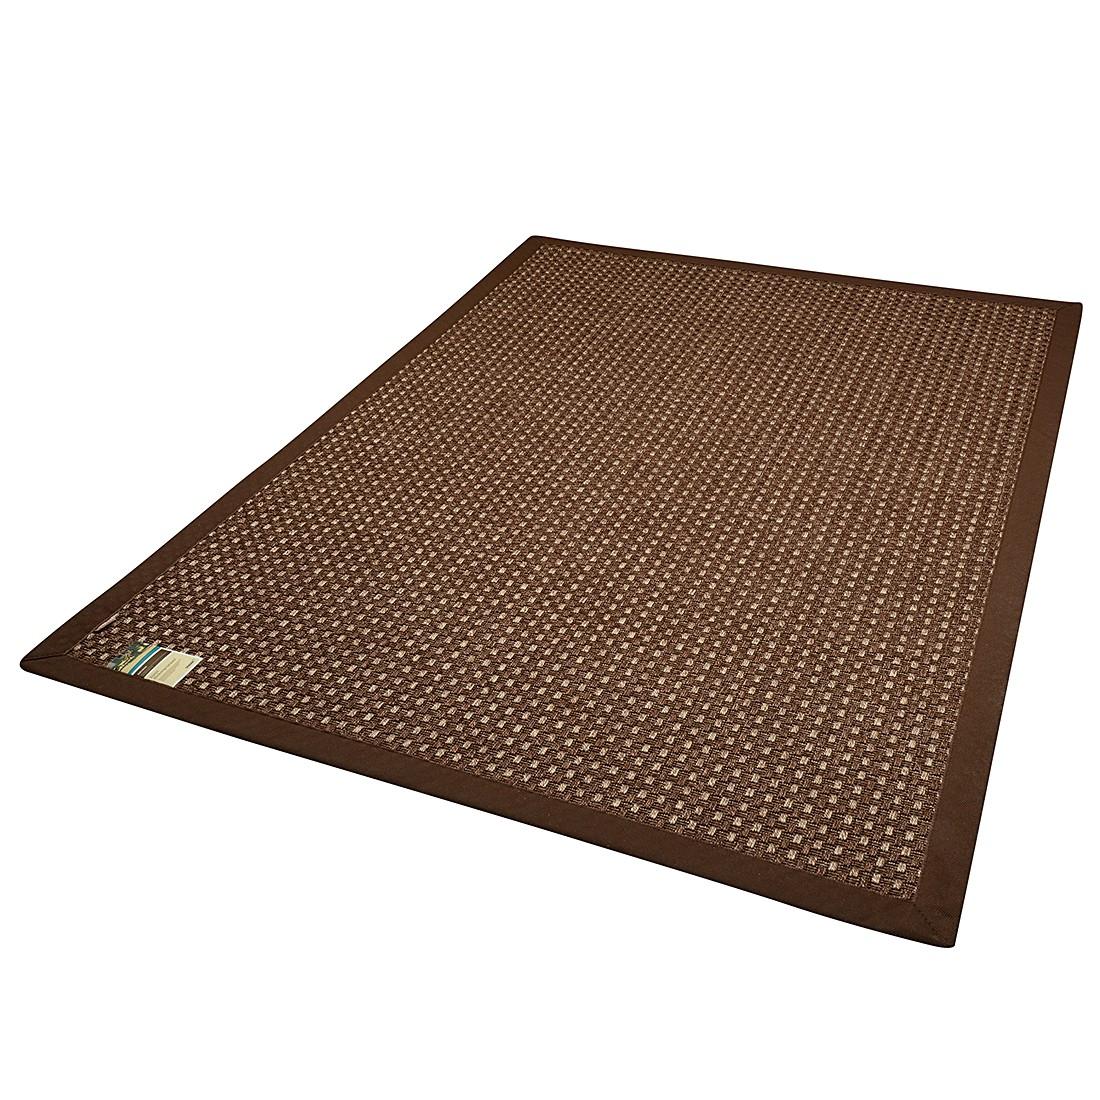 In-/Outdoorteppich Naturino Panama – Schokoladenbraun – 80 x 160 cm, DEKOWE jetzt bestellen